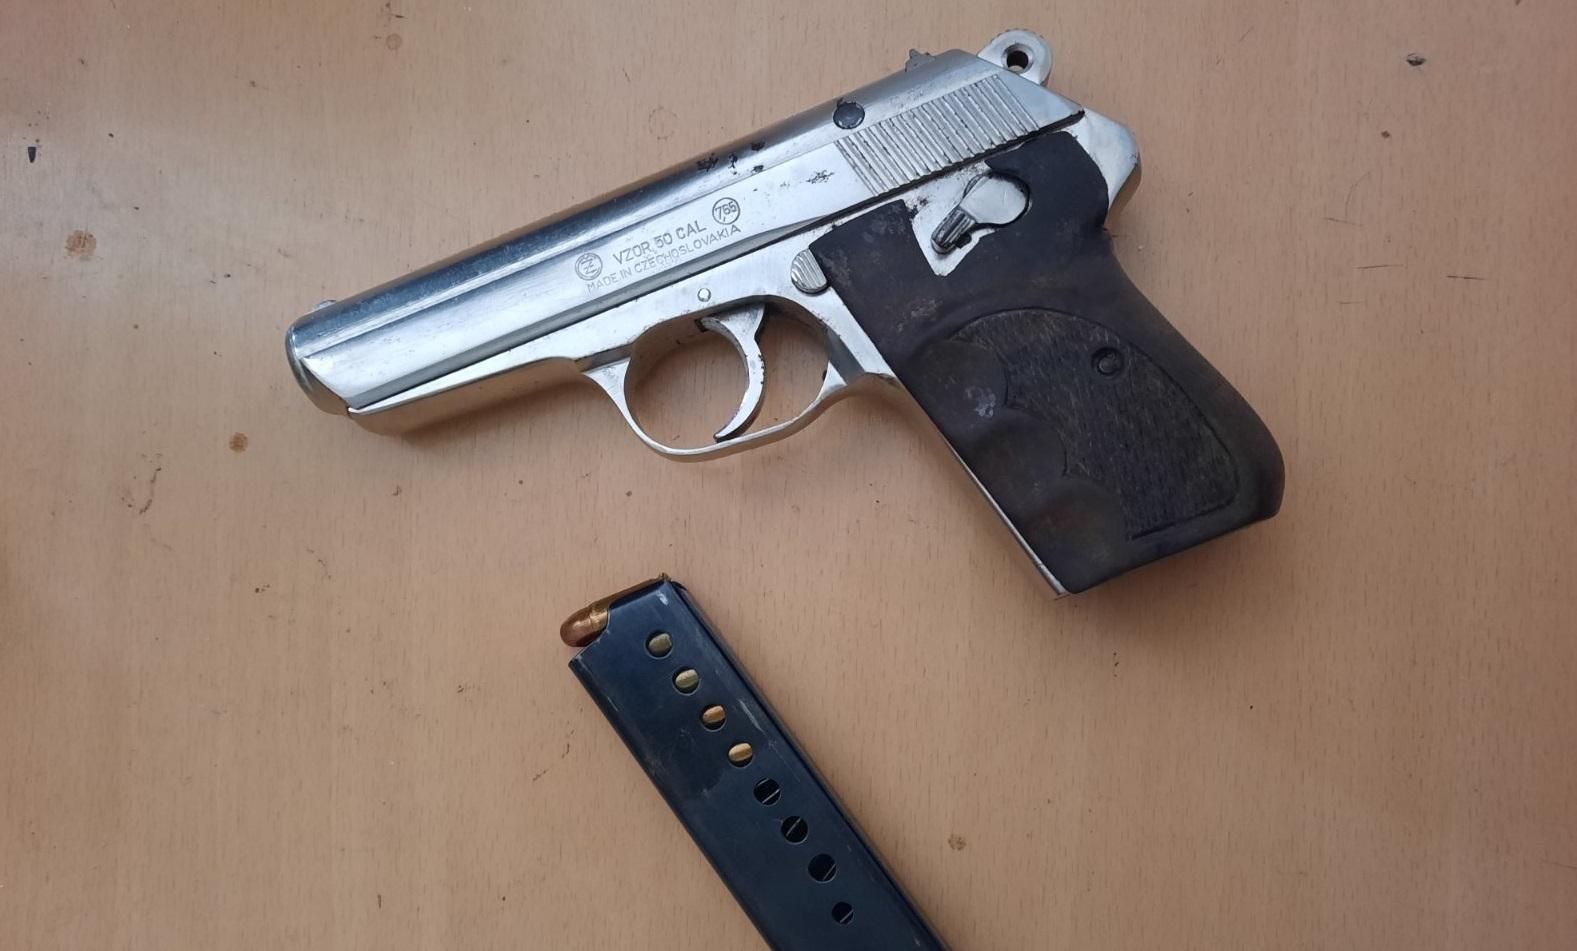 Berane: Krivična prijava bezbjednosno interesantnoj osobi zbog pištolja